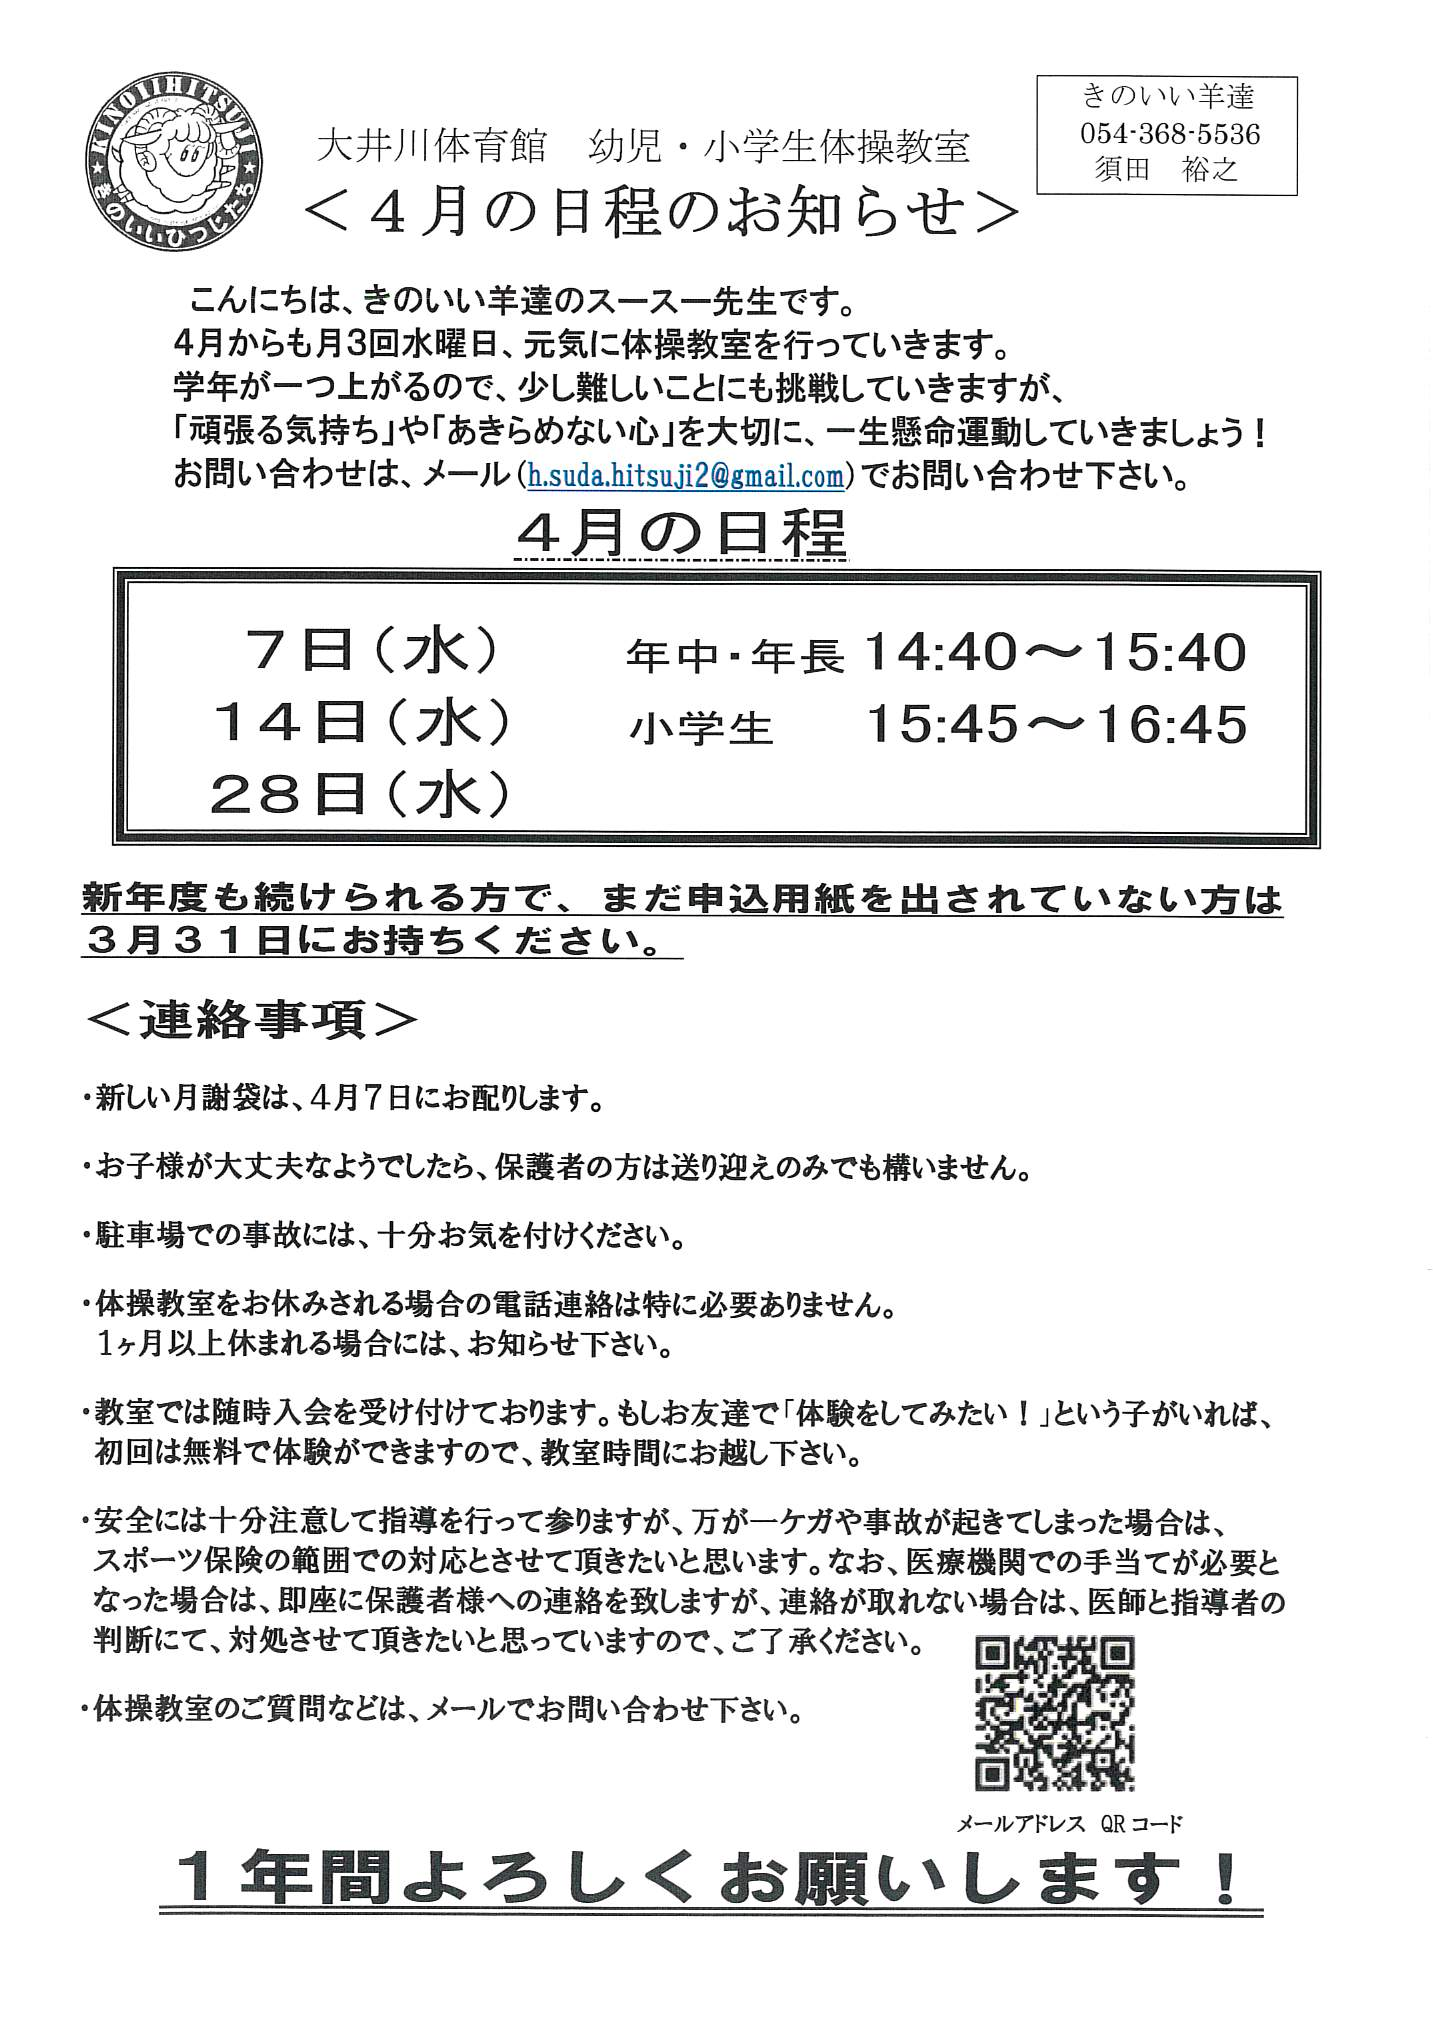 焼津 大井川教室